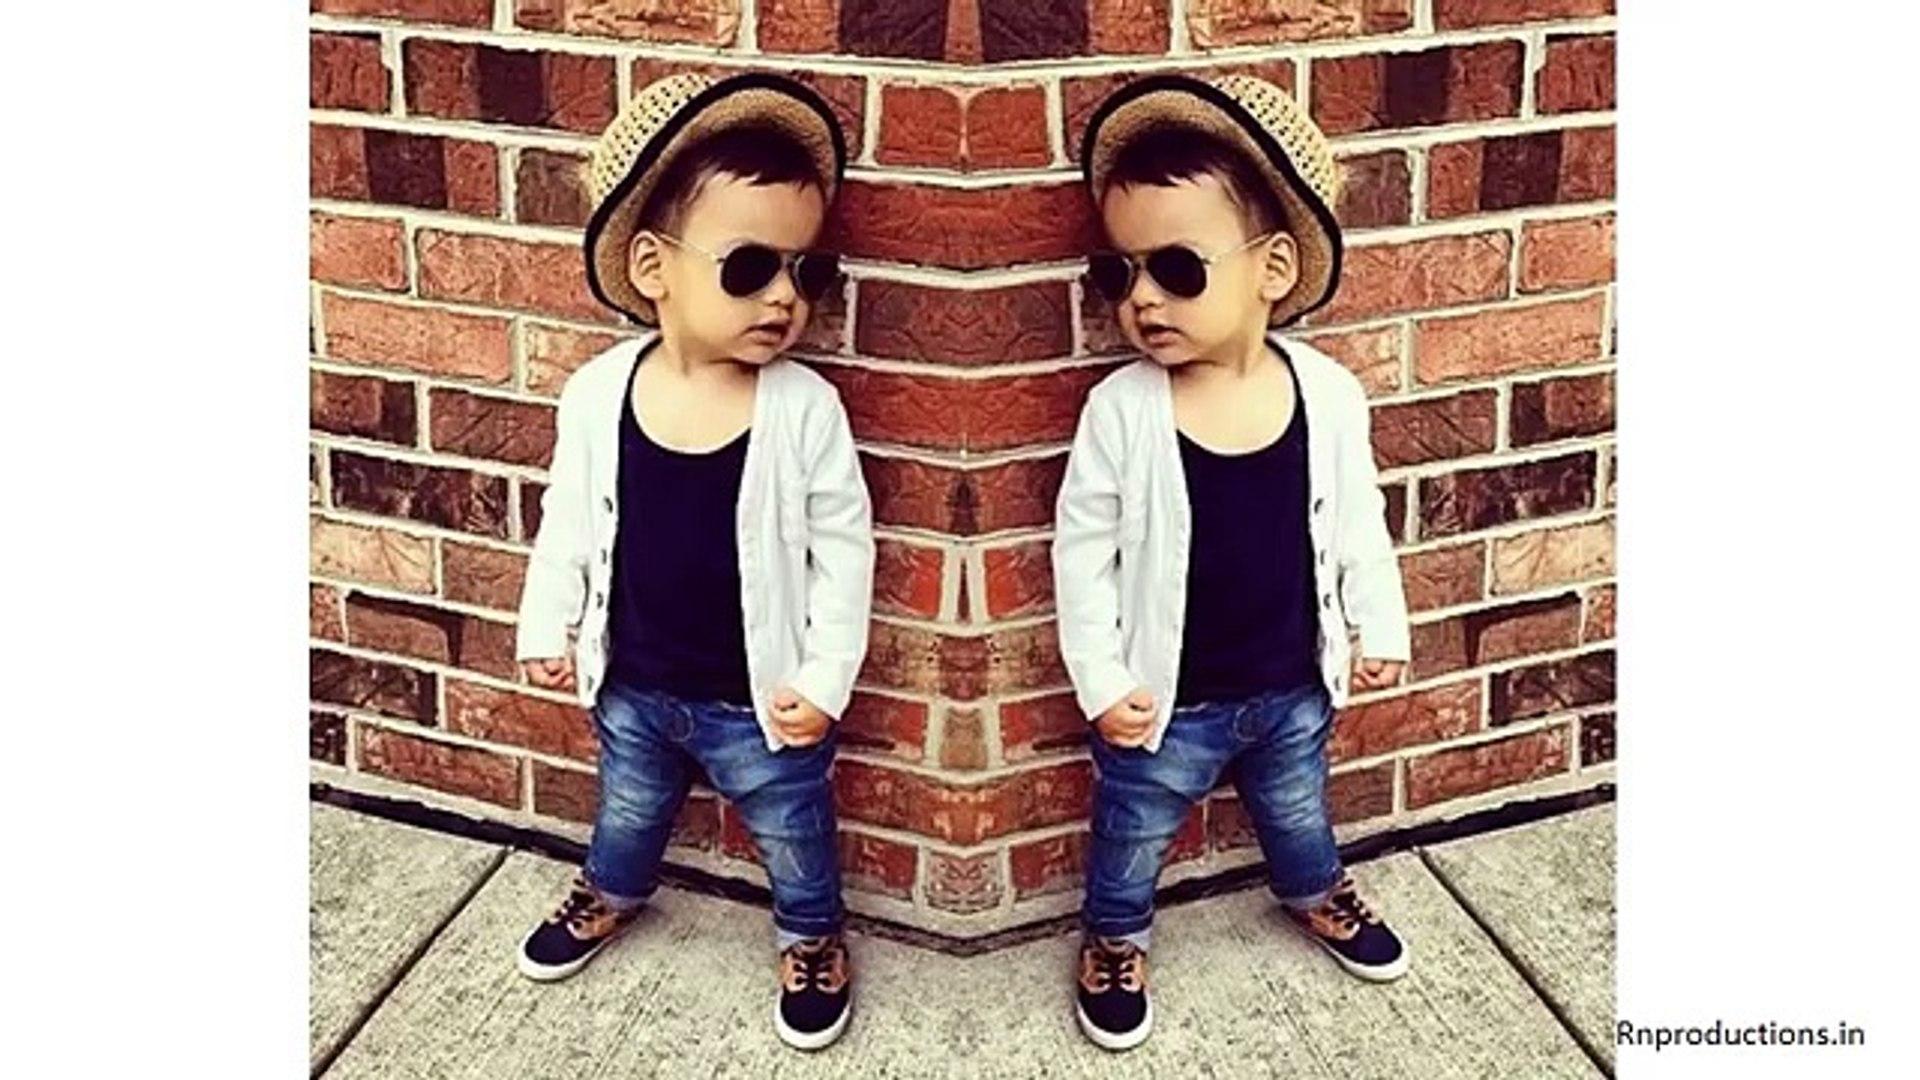 Cute Baby video- Kids Video